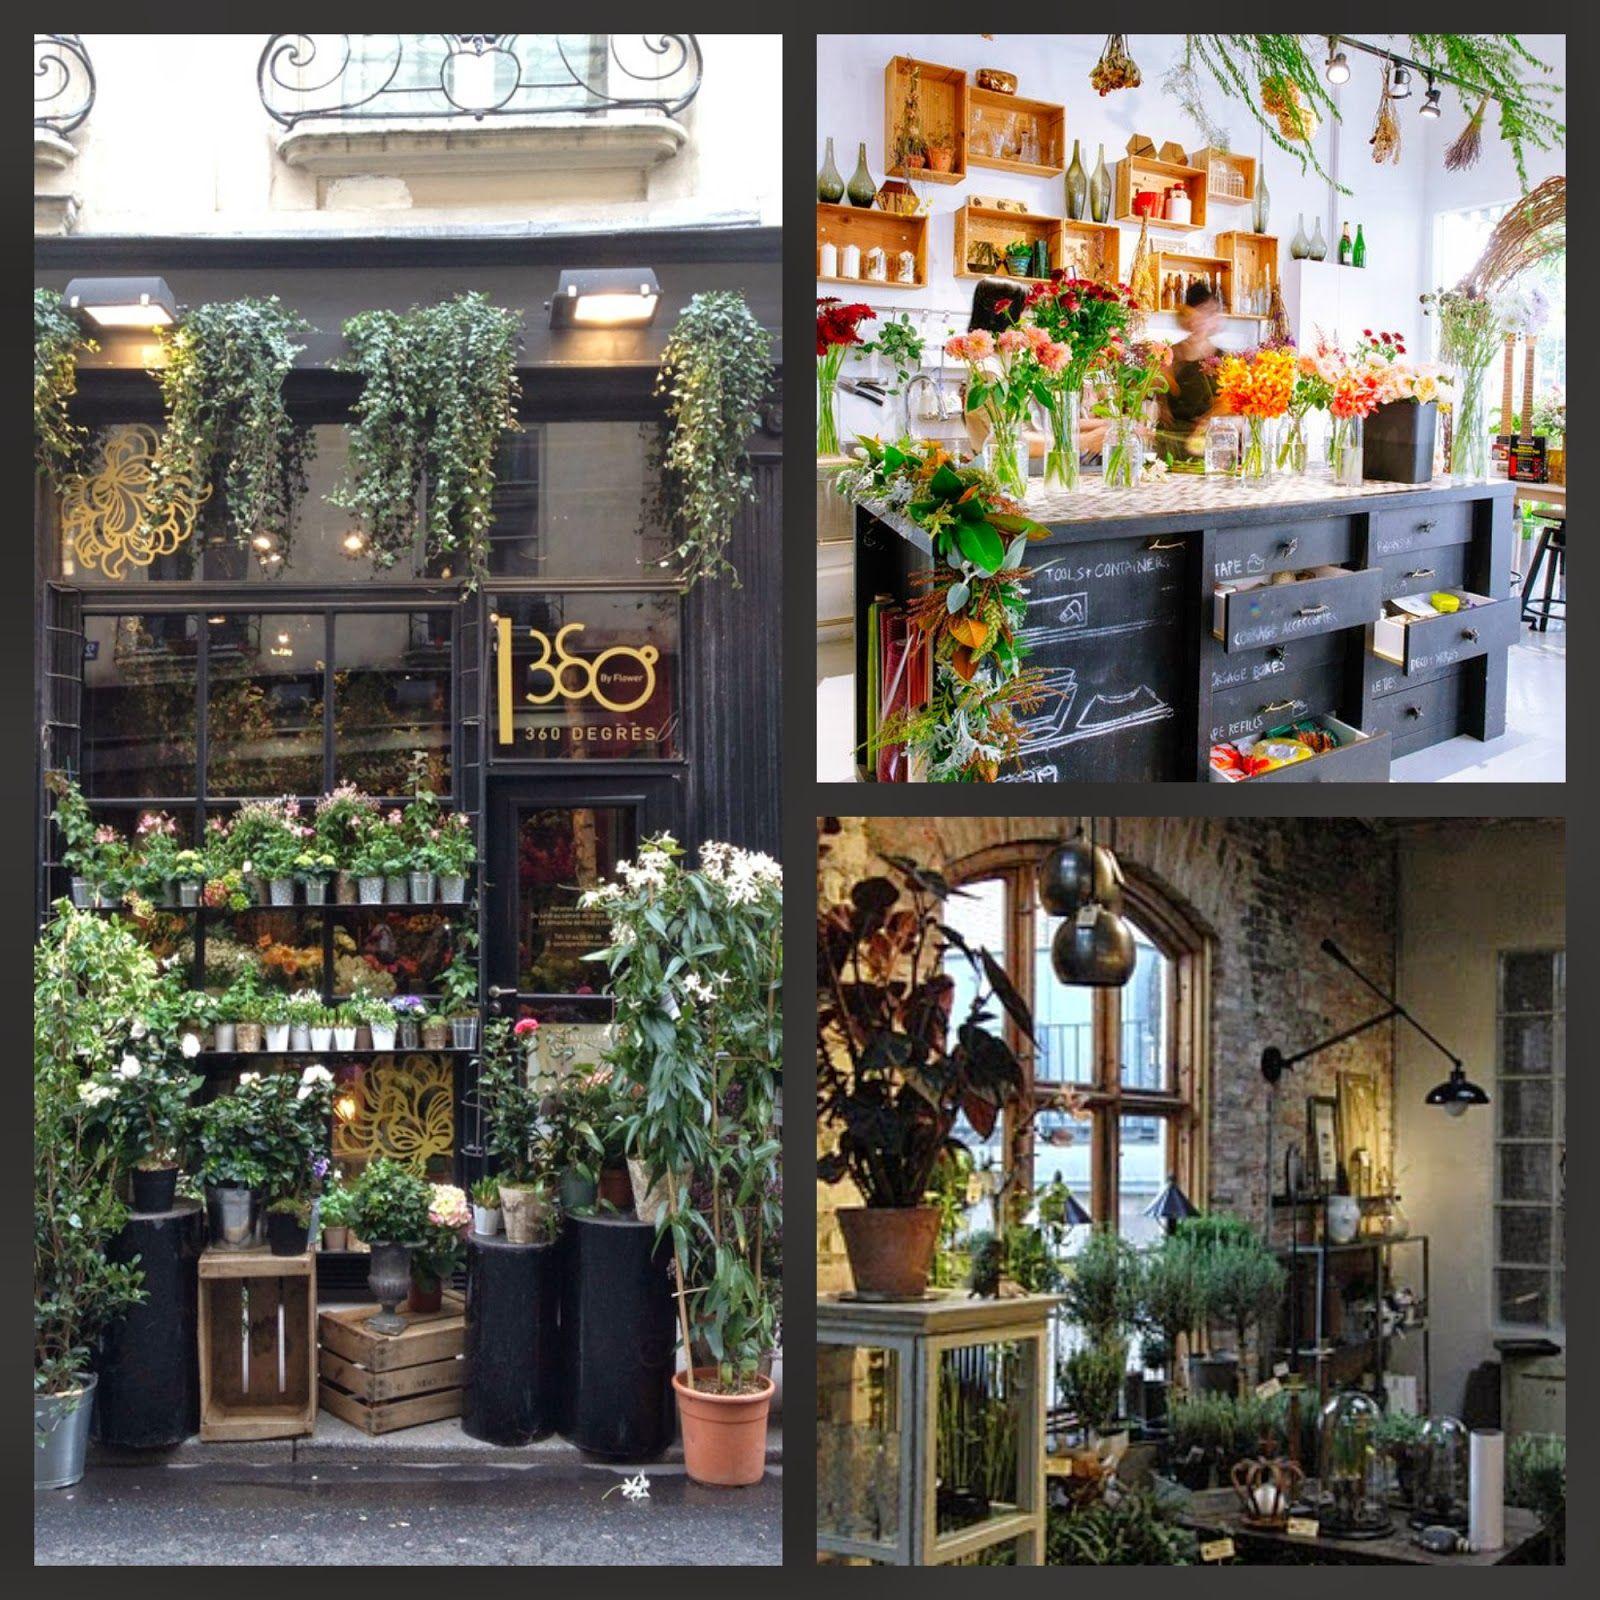 Where Do Interior Designers Shop: Inside A Flower Shop, Modern